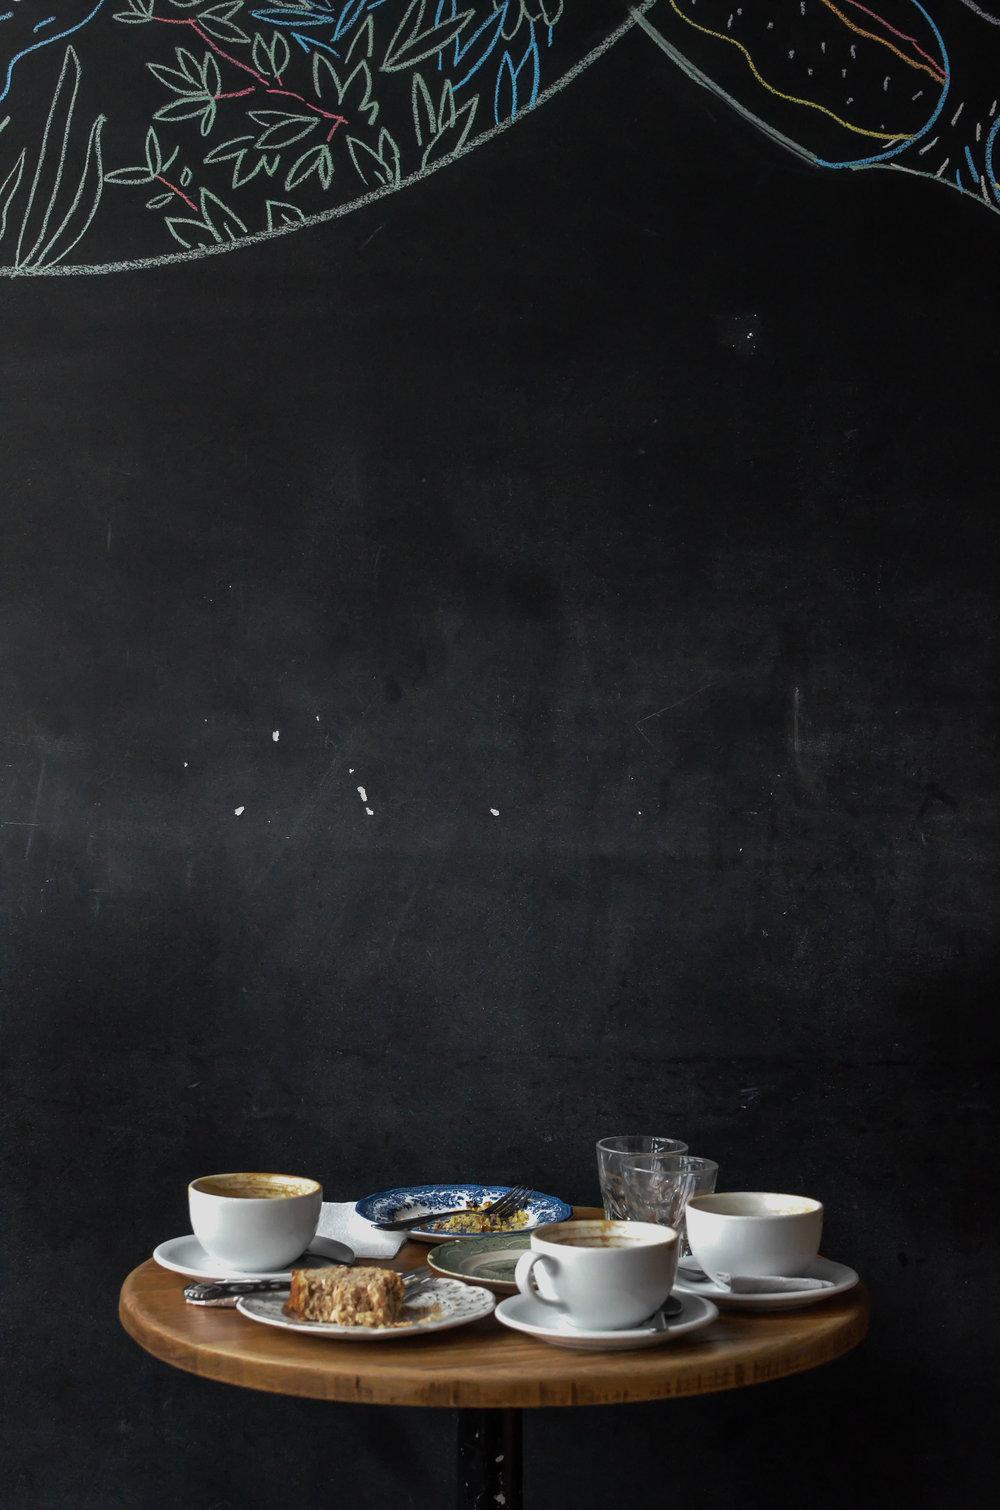 Wendling_Boyd_Coffee_Guide_Astro_Coffee_Detroit-5 copy.jpg